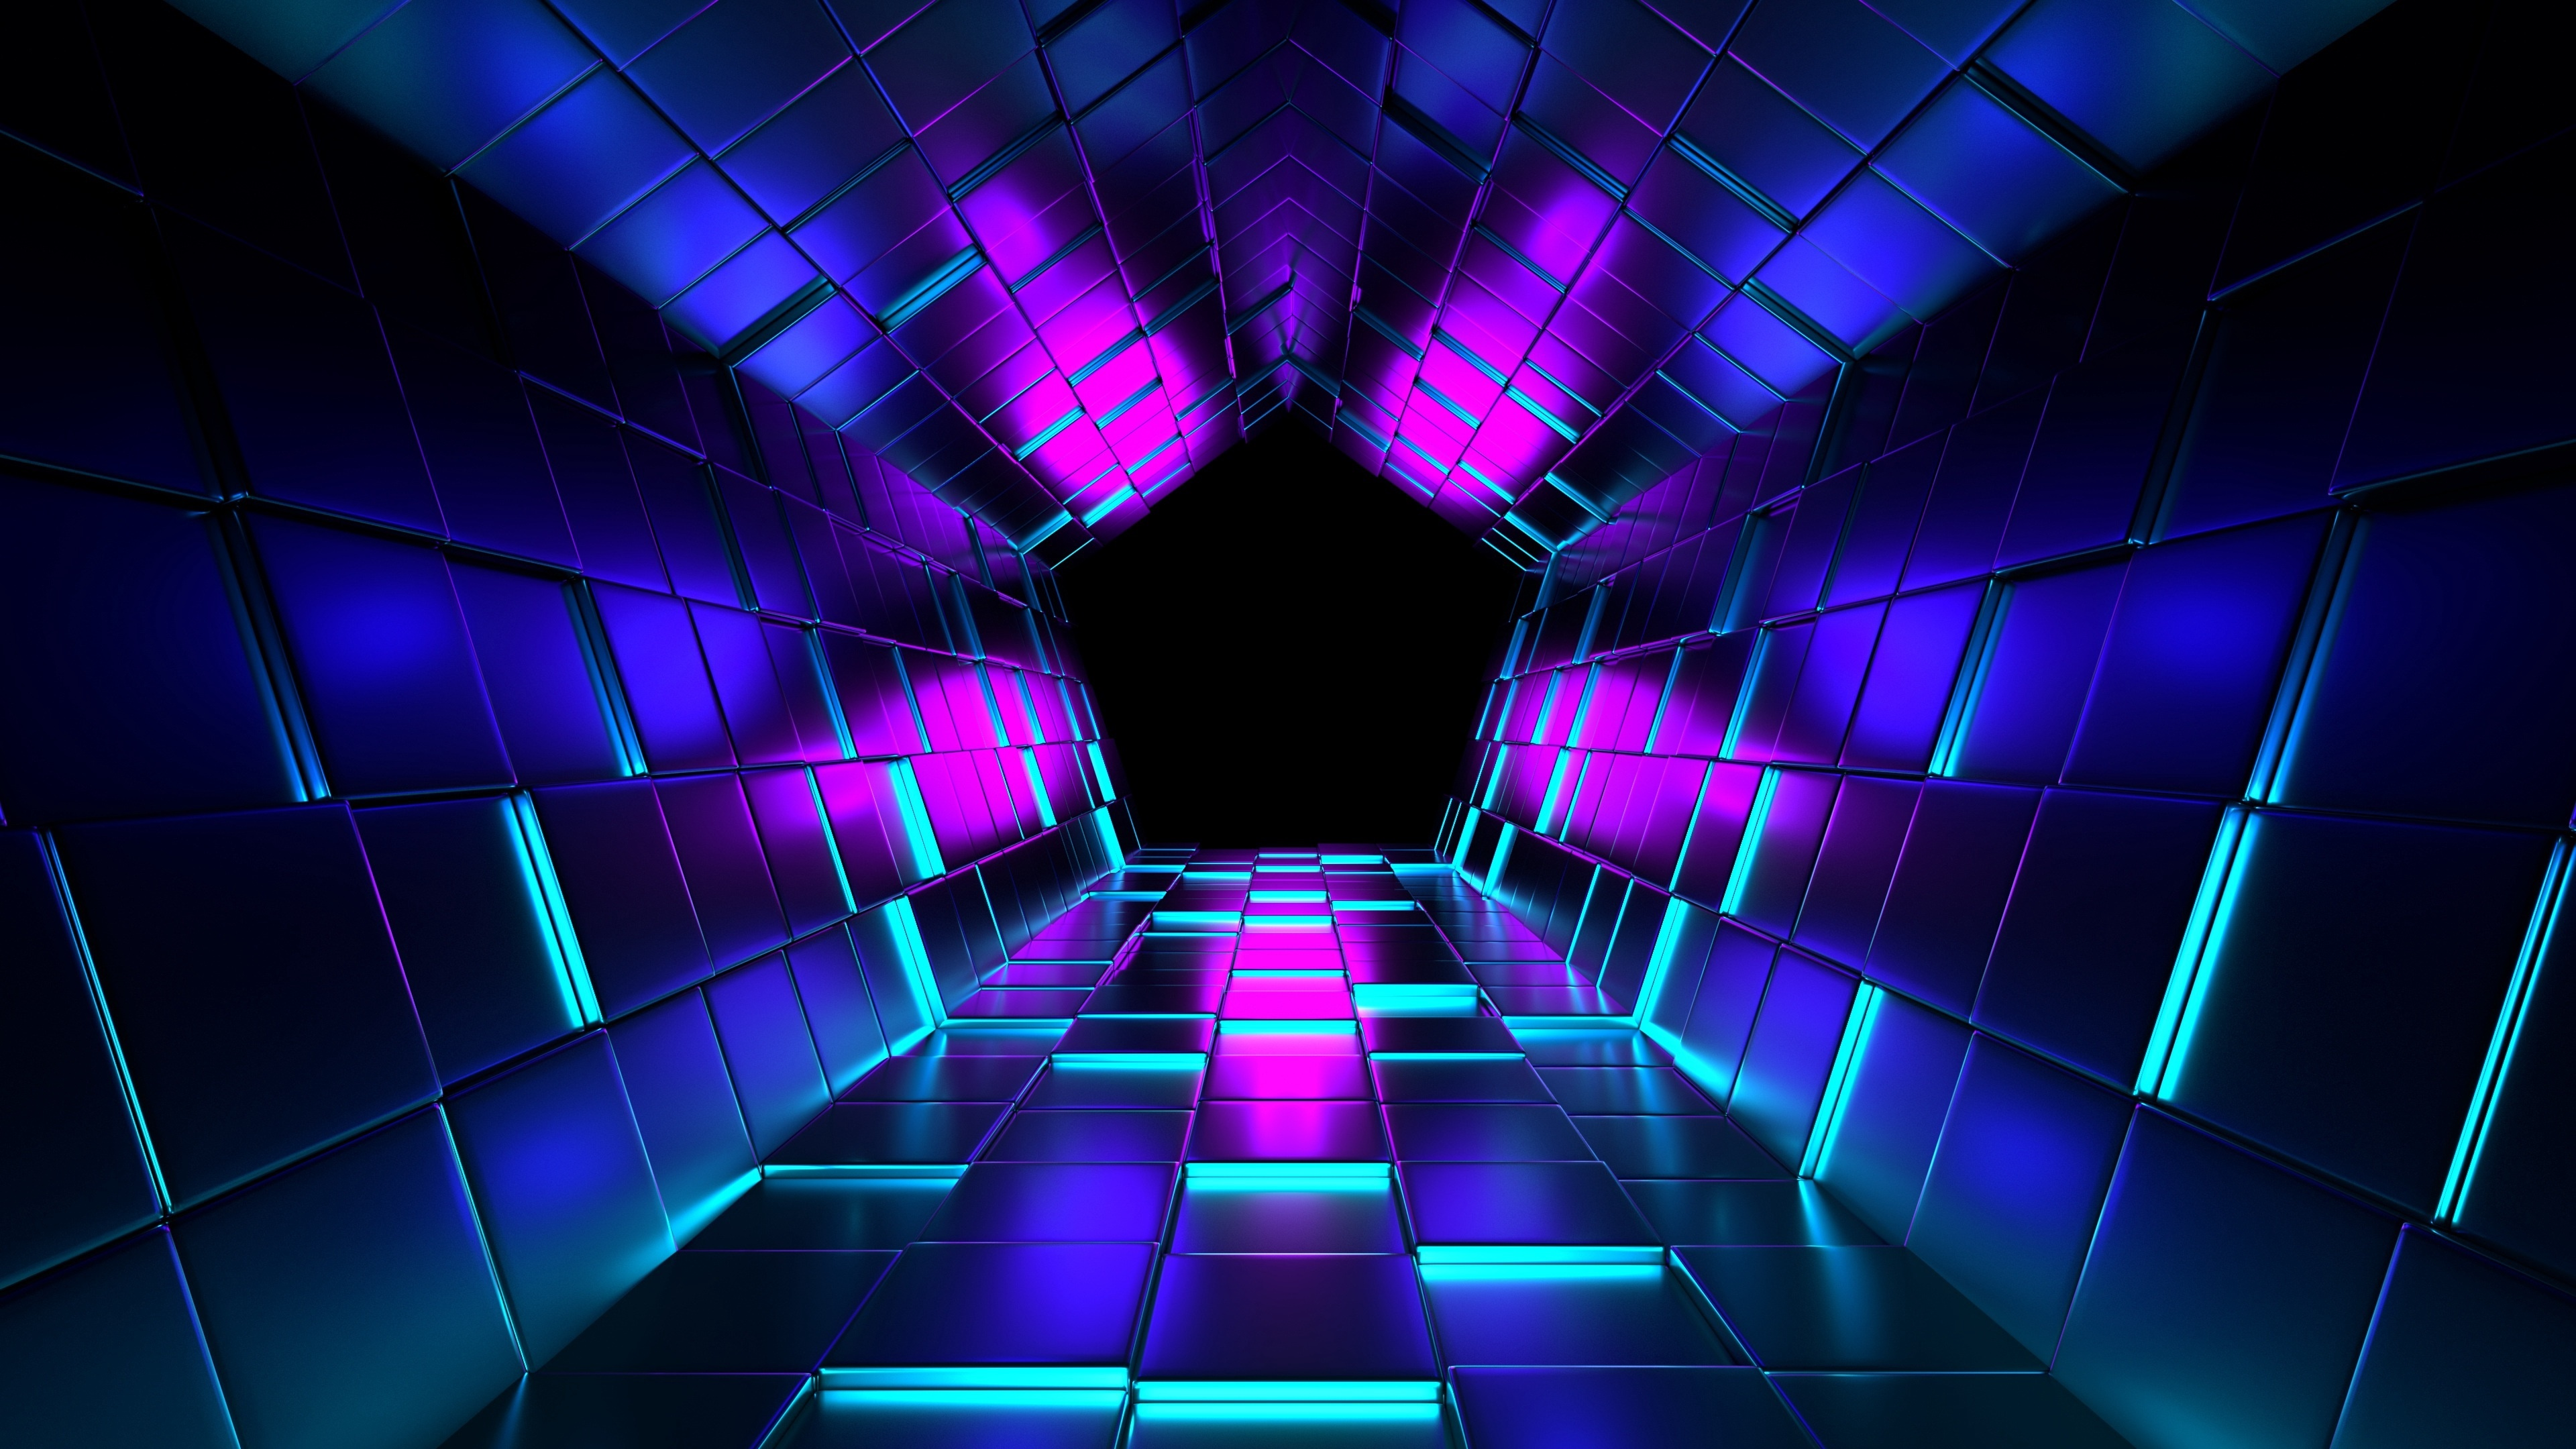 Fondos de pantalla Túnel Pentágono con luces de neón